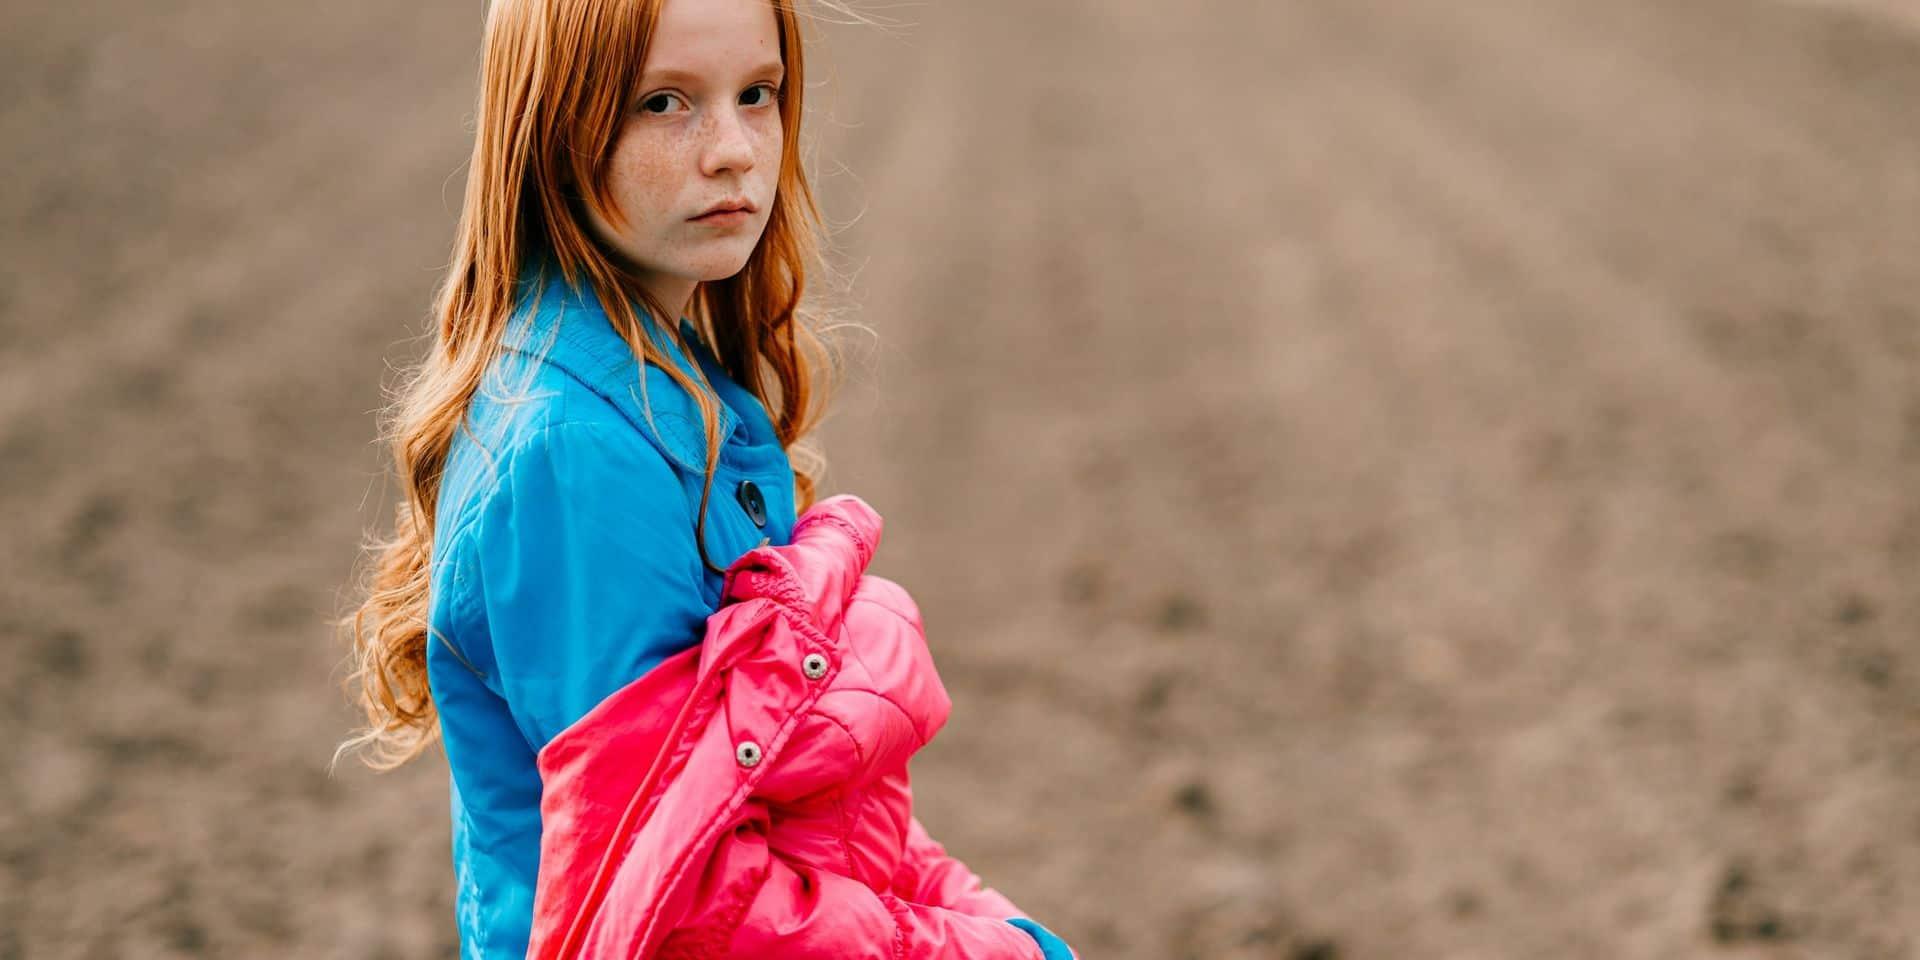 """""""Qui sème le vent"""", des enfants abandonnés face à la tragédie de la mort"""